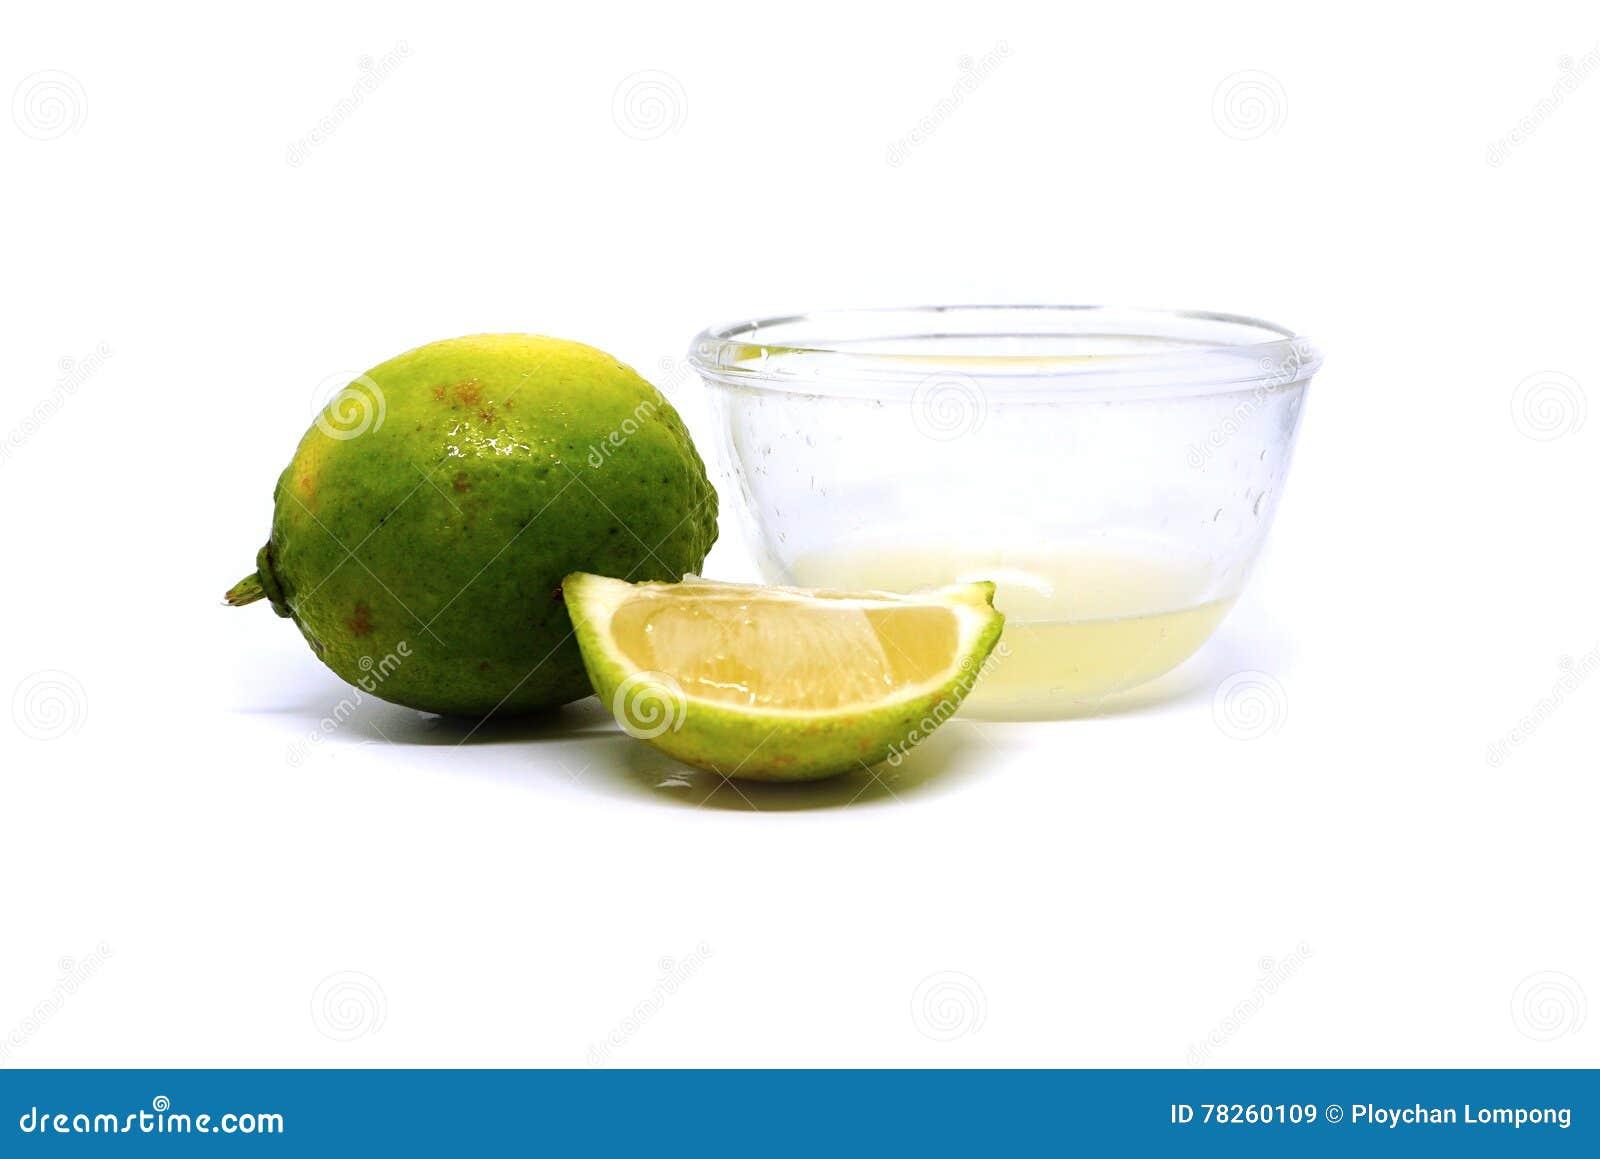 ασβέστης φρούτα με τις φέτες